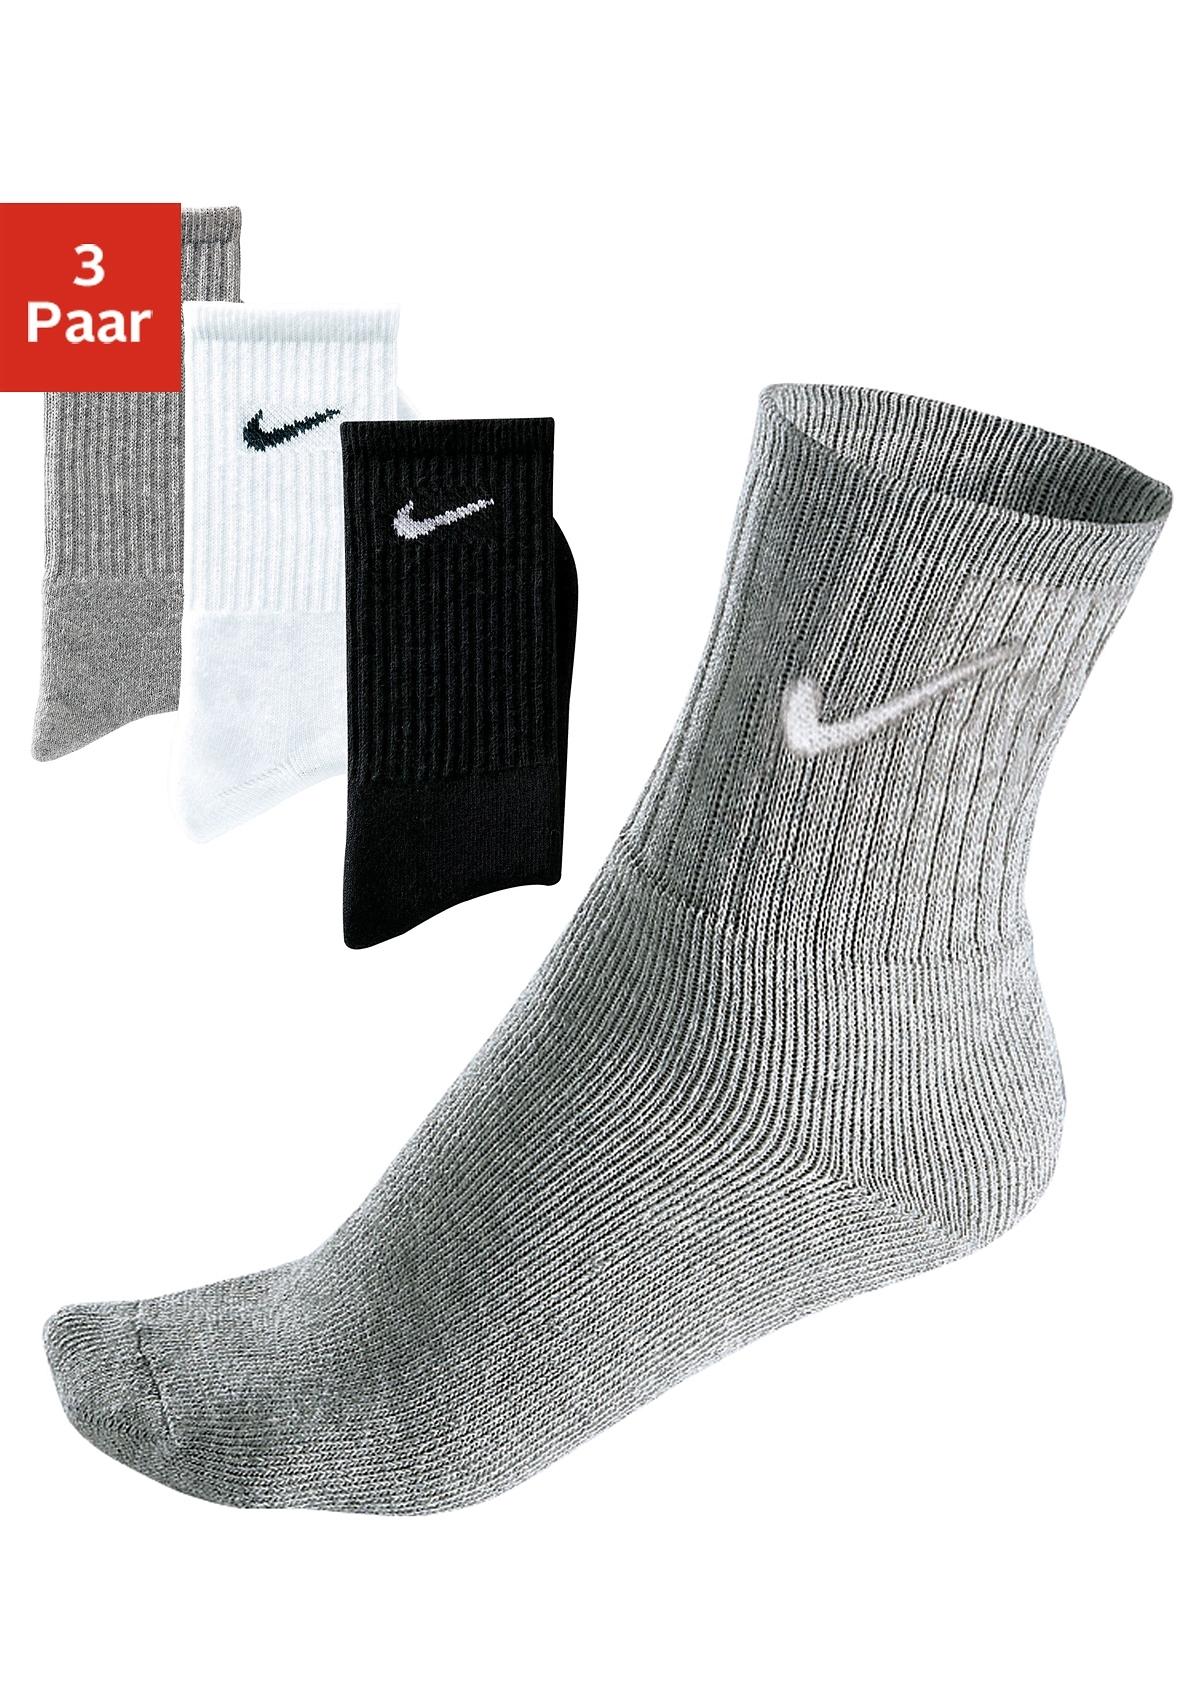 Nike sportsokken met frotté (3 paar) goedkoop op otto.nl kopen